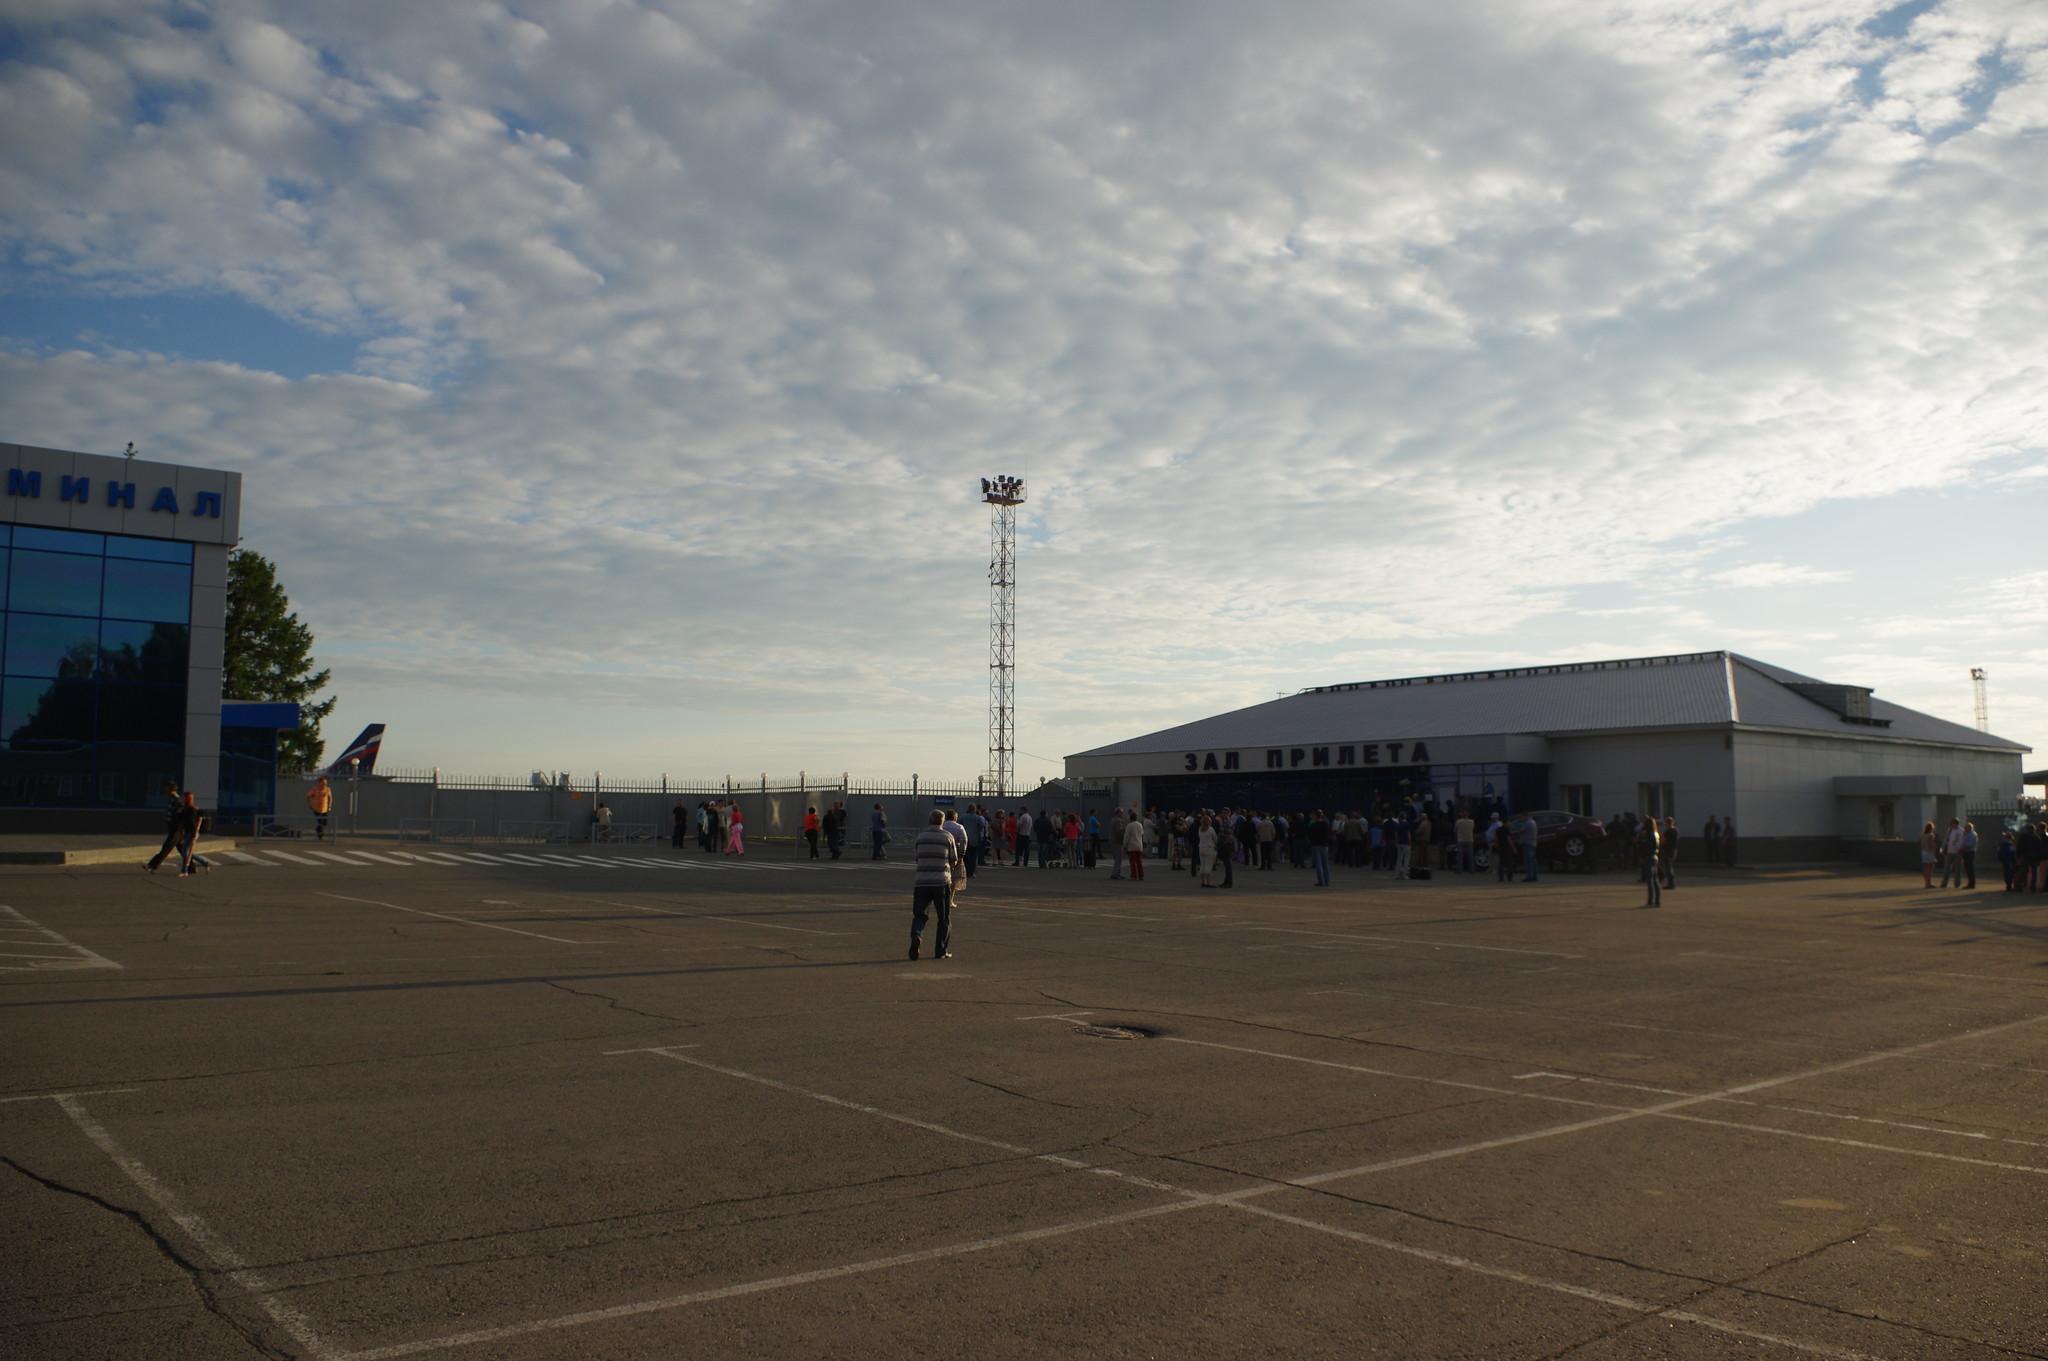 Аэропорт Барнаула. Зал прилёта